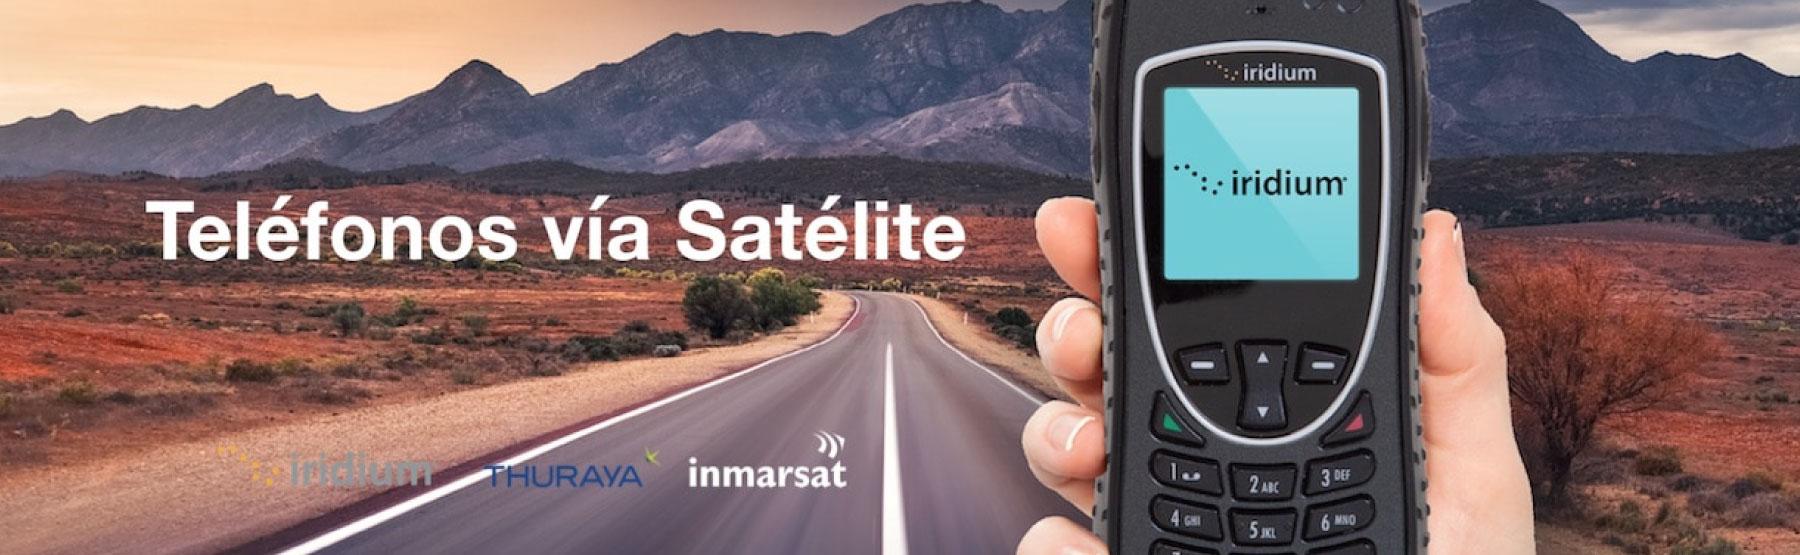 telefonos-via-satelite